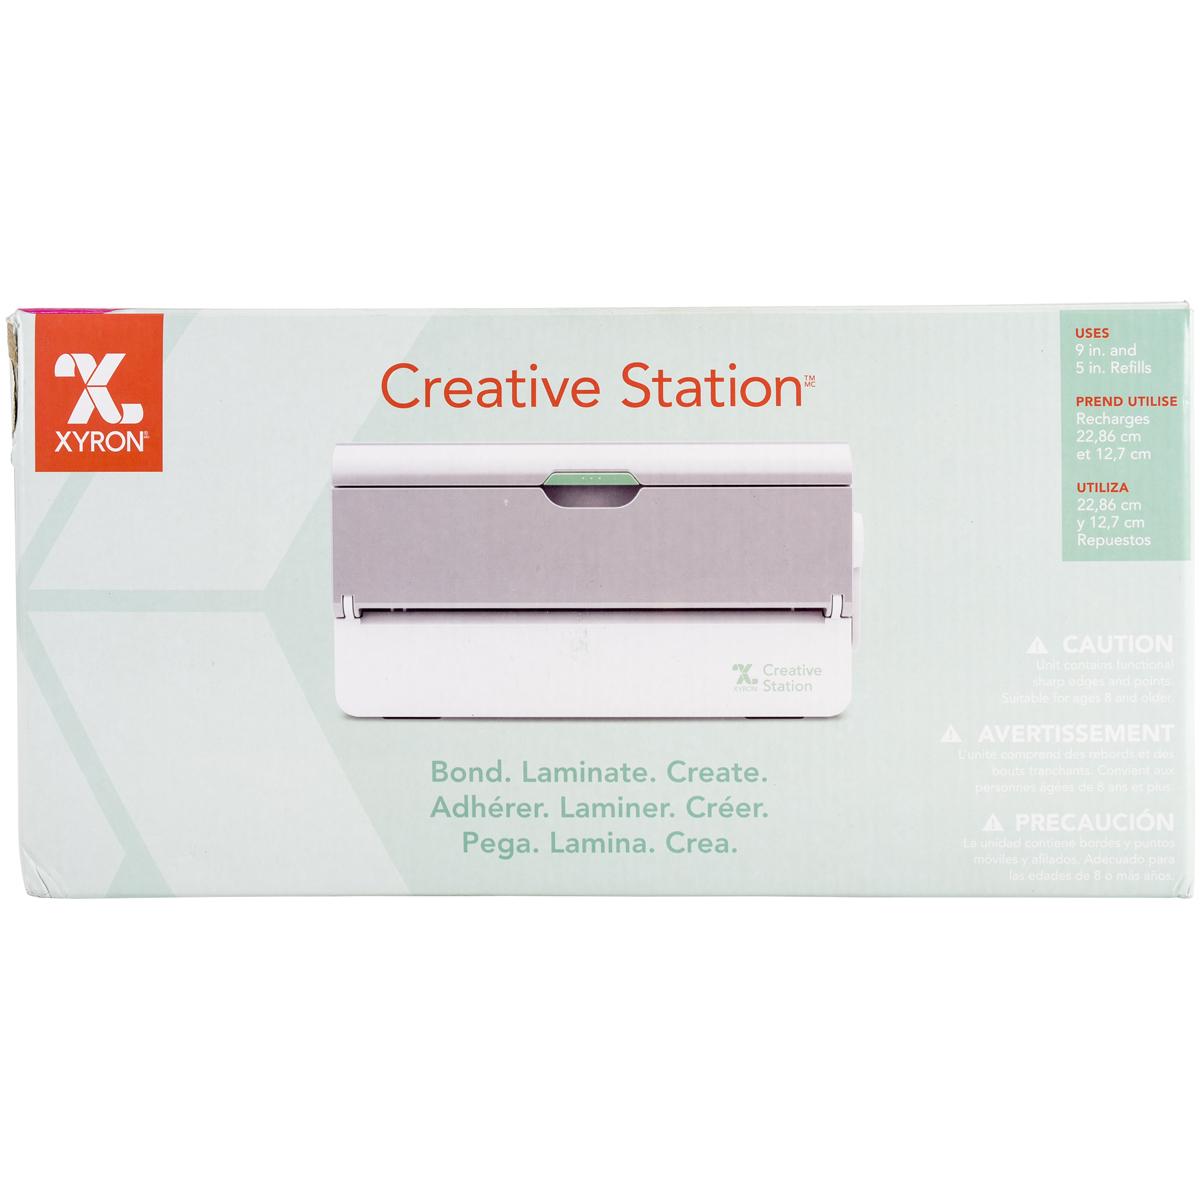 Xryon Creative Station 9